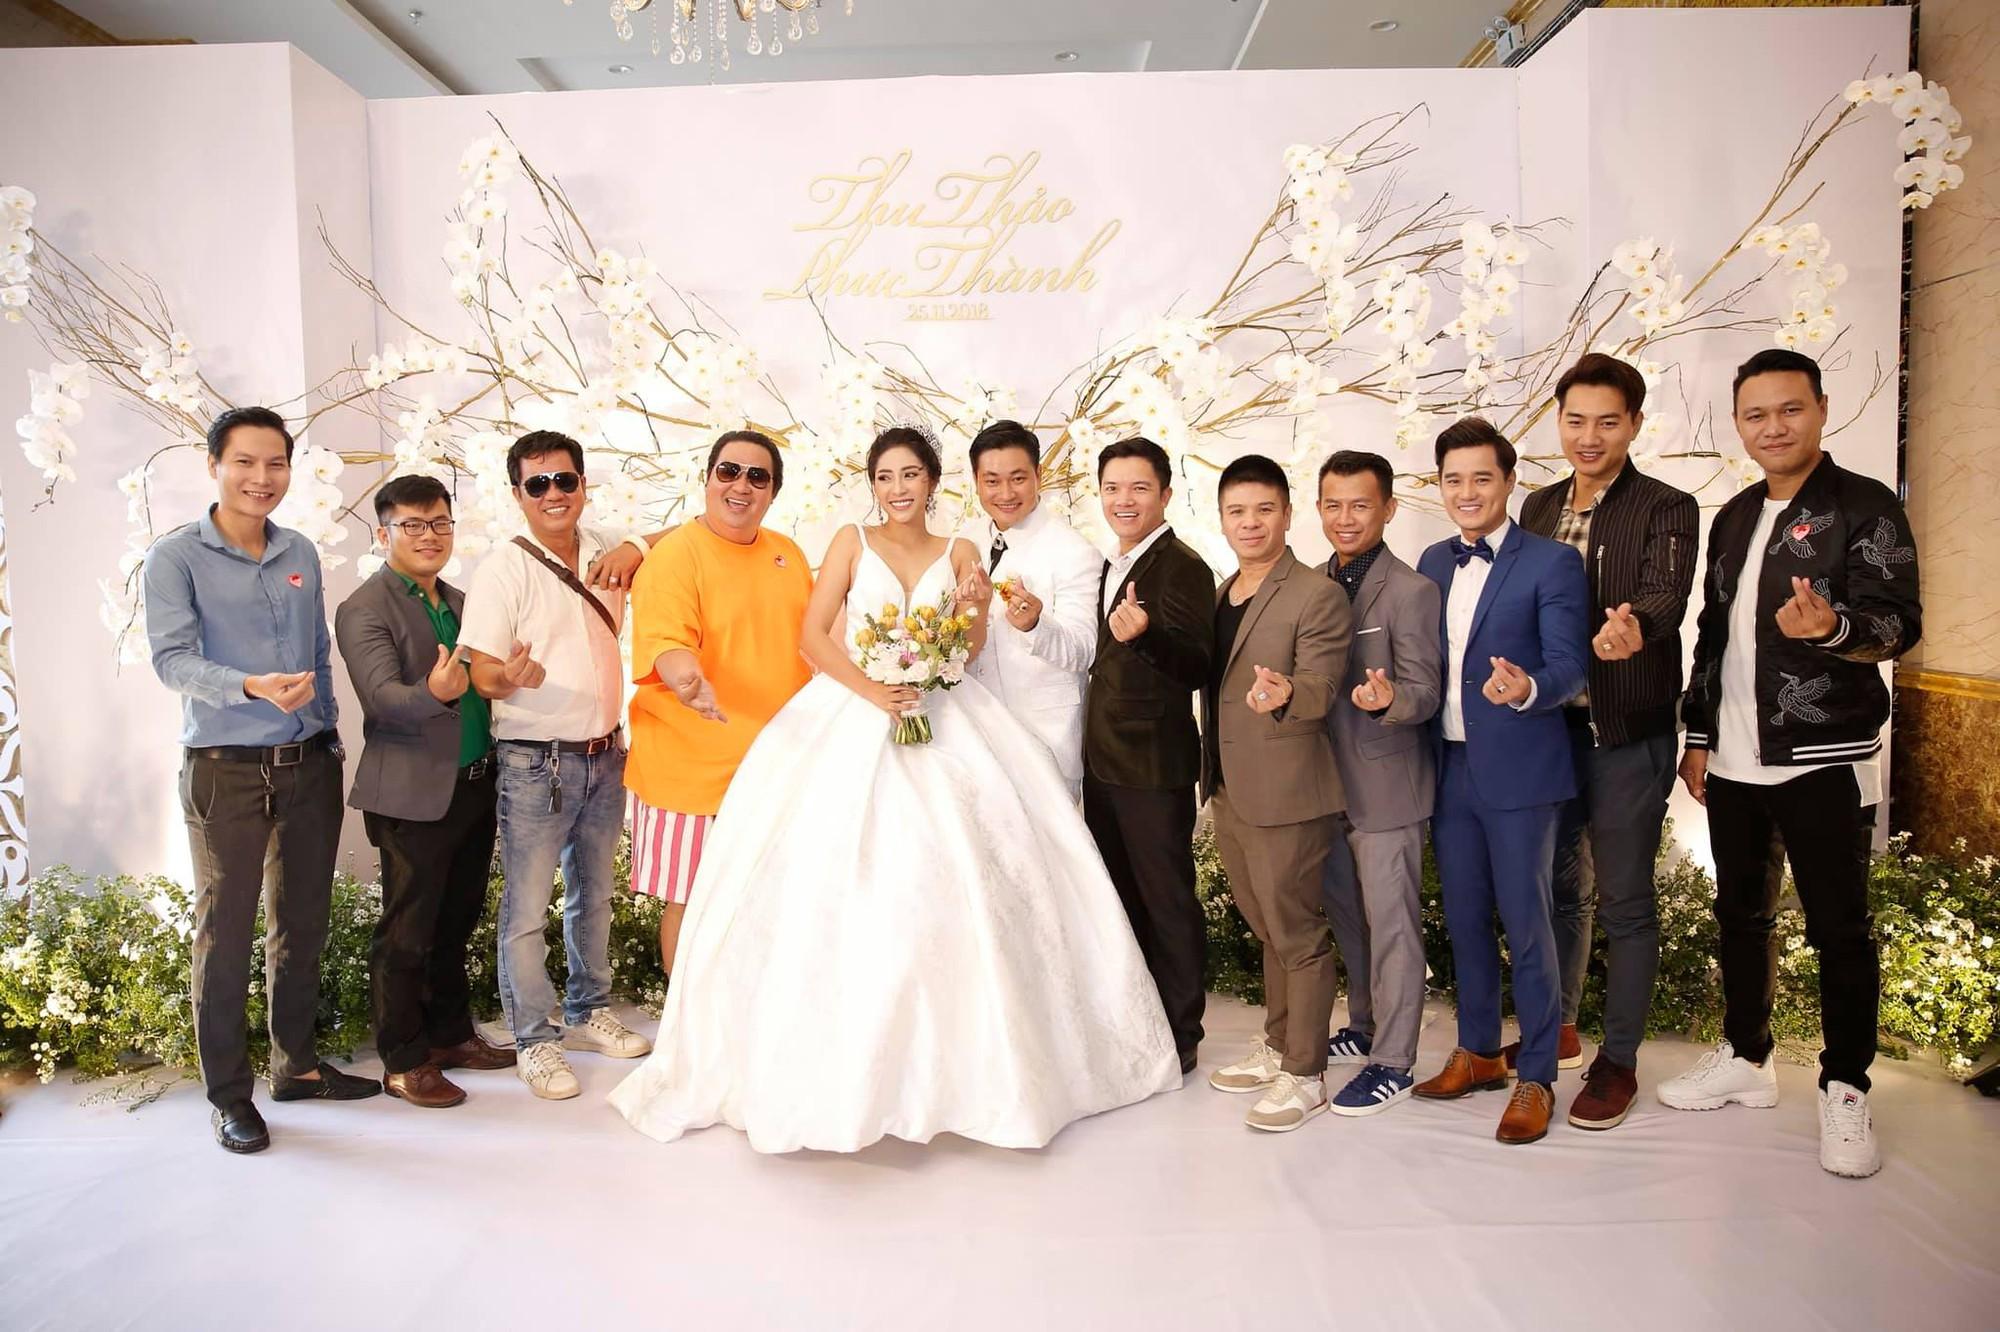 Hoa hậu Đại dương Đặng Thu Thảo tổ chức đám cưới với ông xã doanh nhân tại Cần Thơ-9